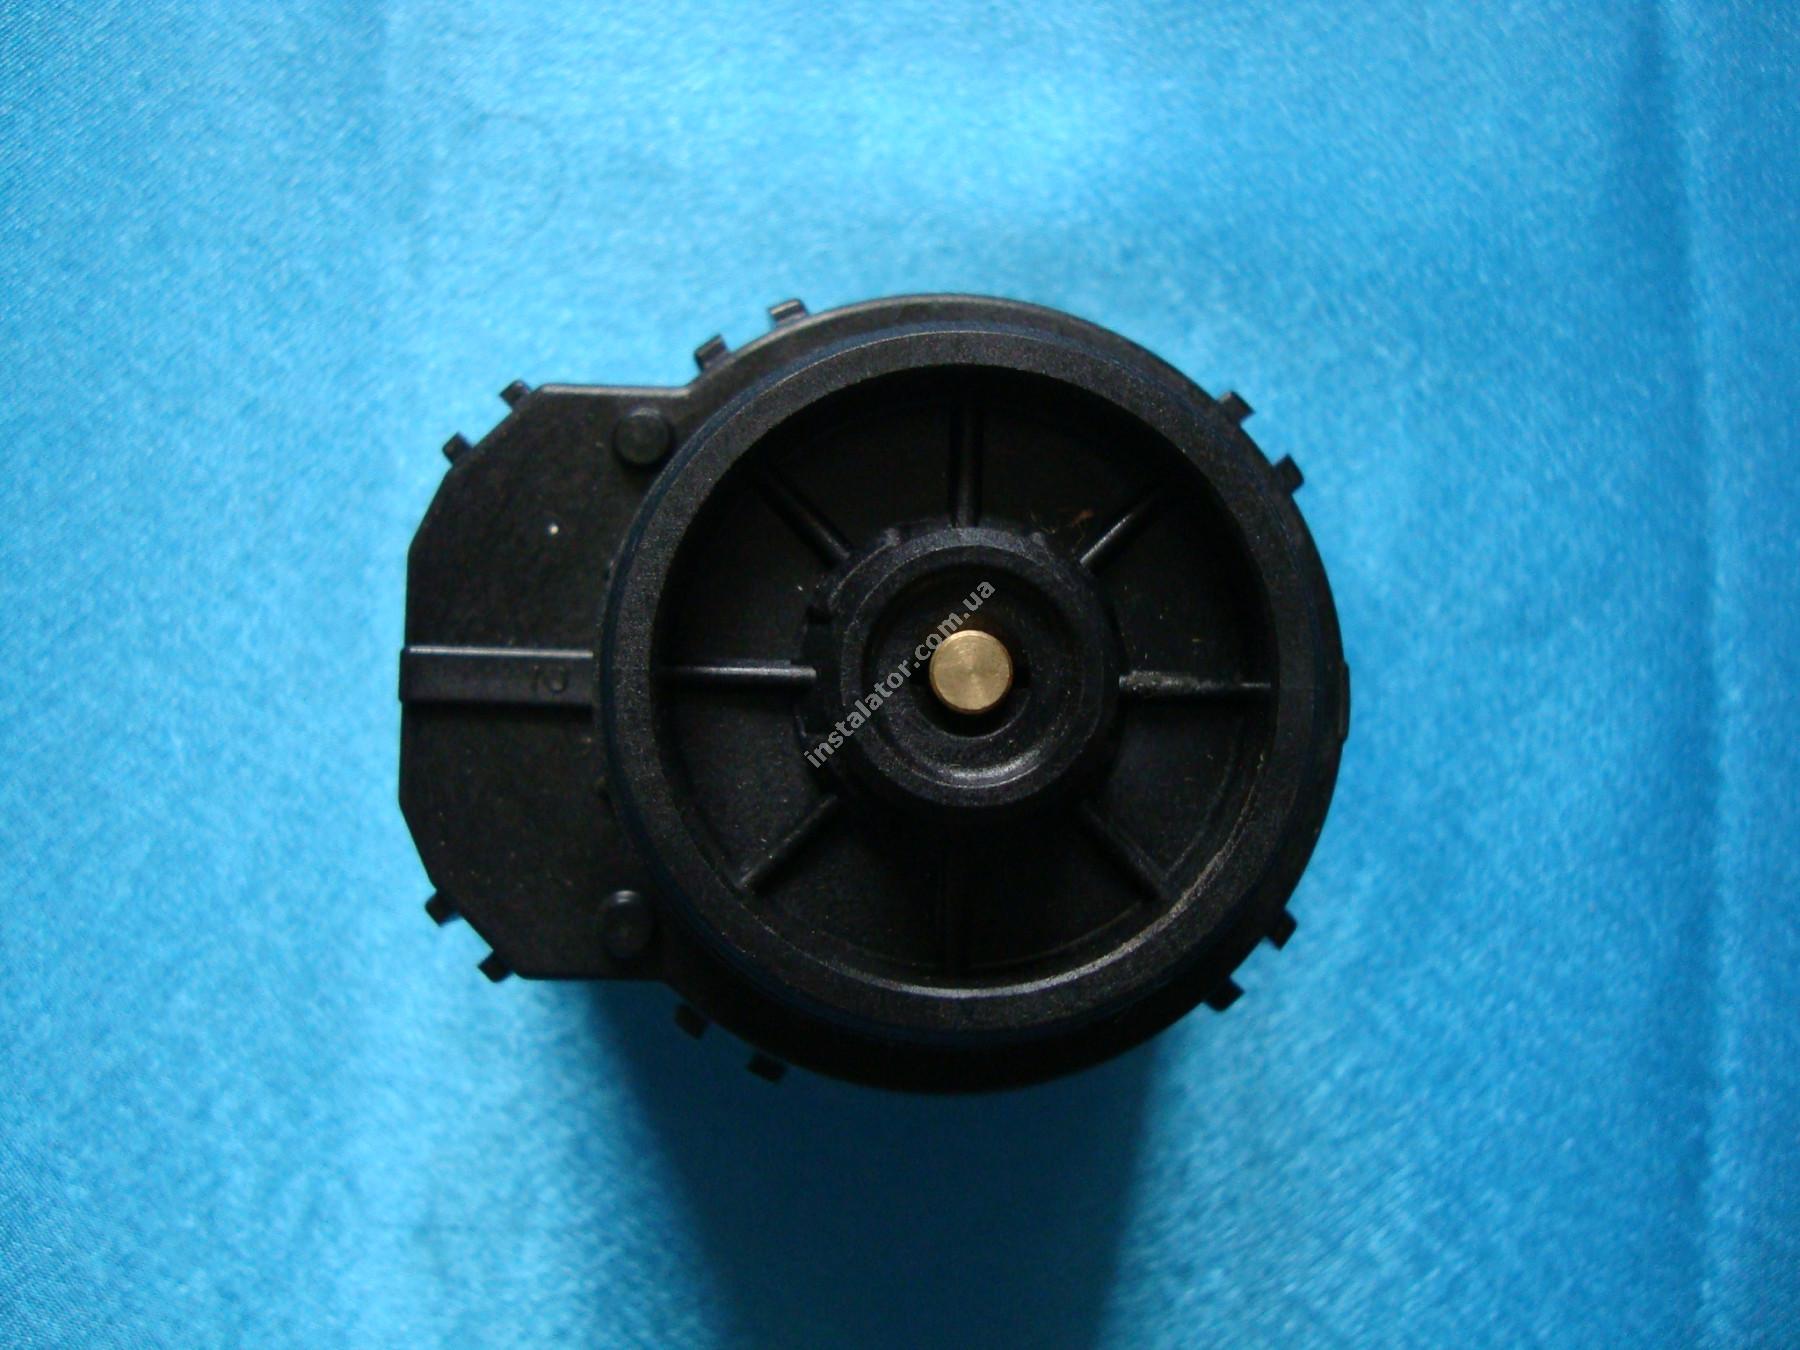 20017594 Привід 3-х ходового клапана BERETTA CITY 24/28 CAI / CSI (2 ручки управління) full-image-2